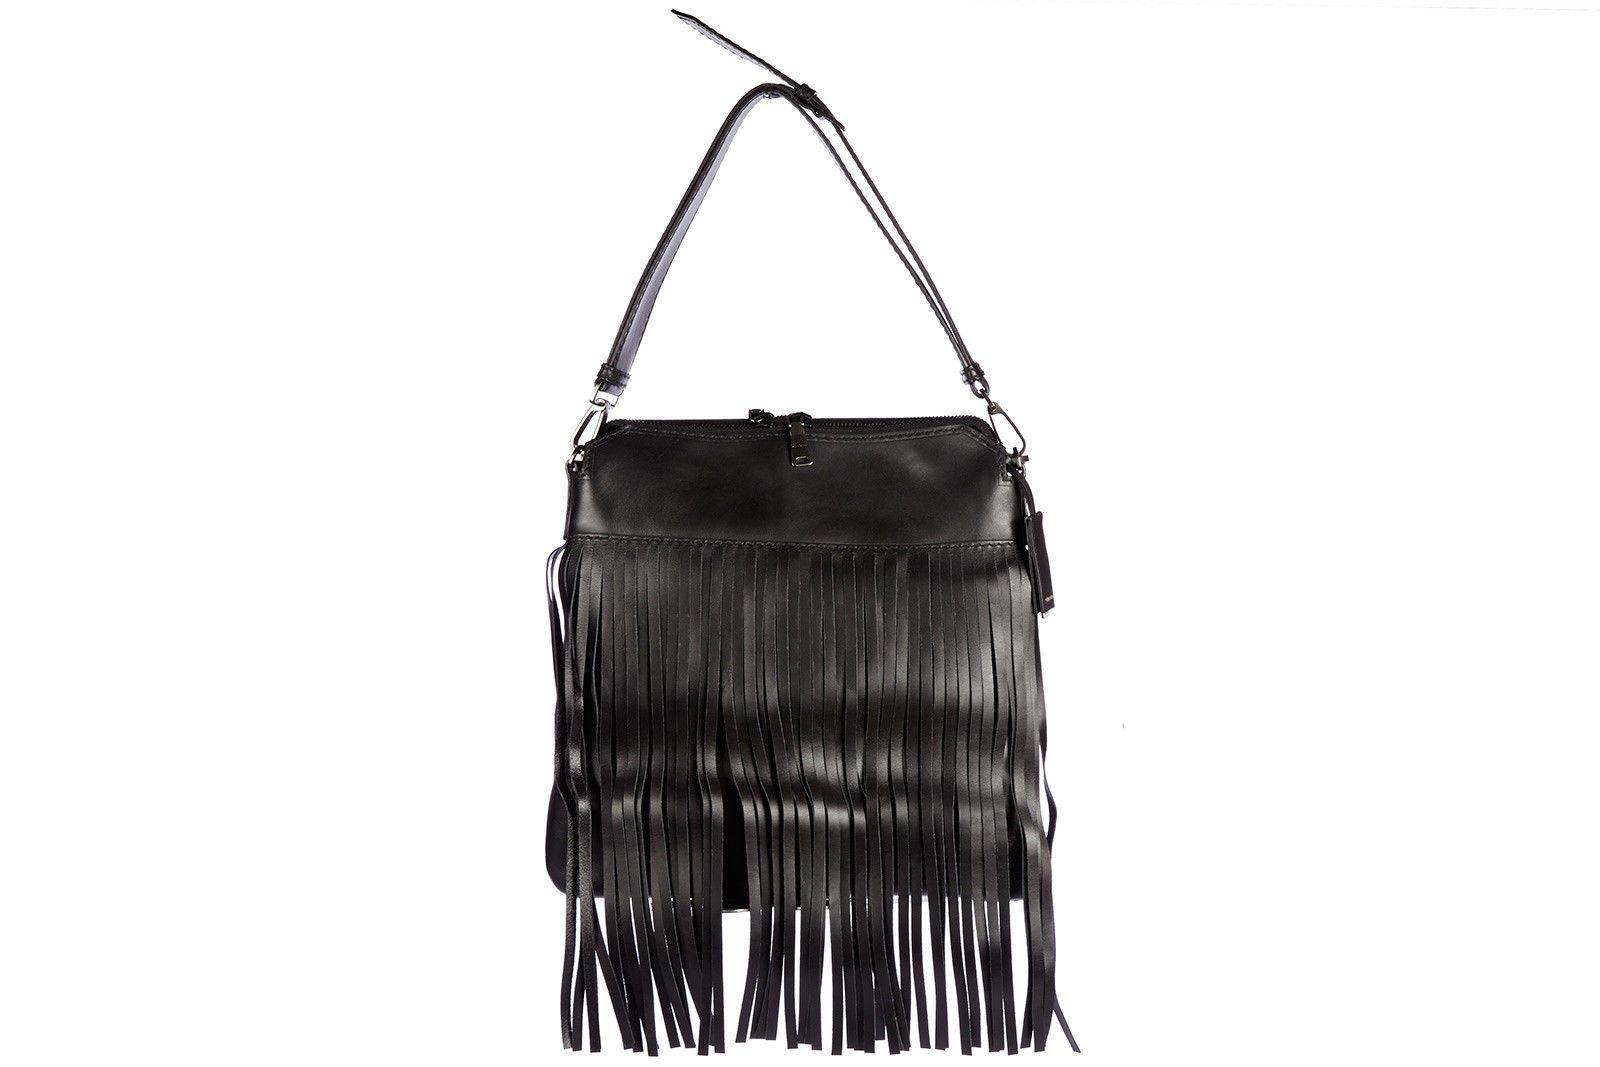 5115937a060 MIU MIU WOMEN S LEATHER SHOULDER BAG NEW ORIGINAL CITY CALF FRINGES BLACK  005